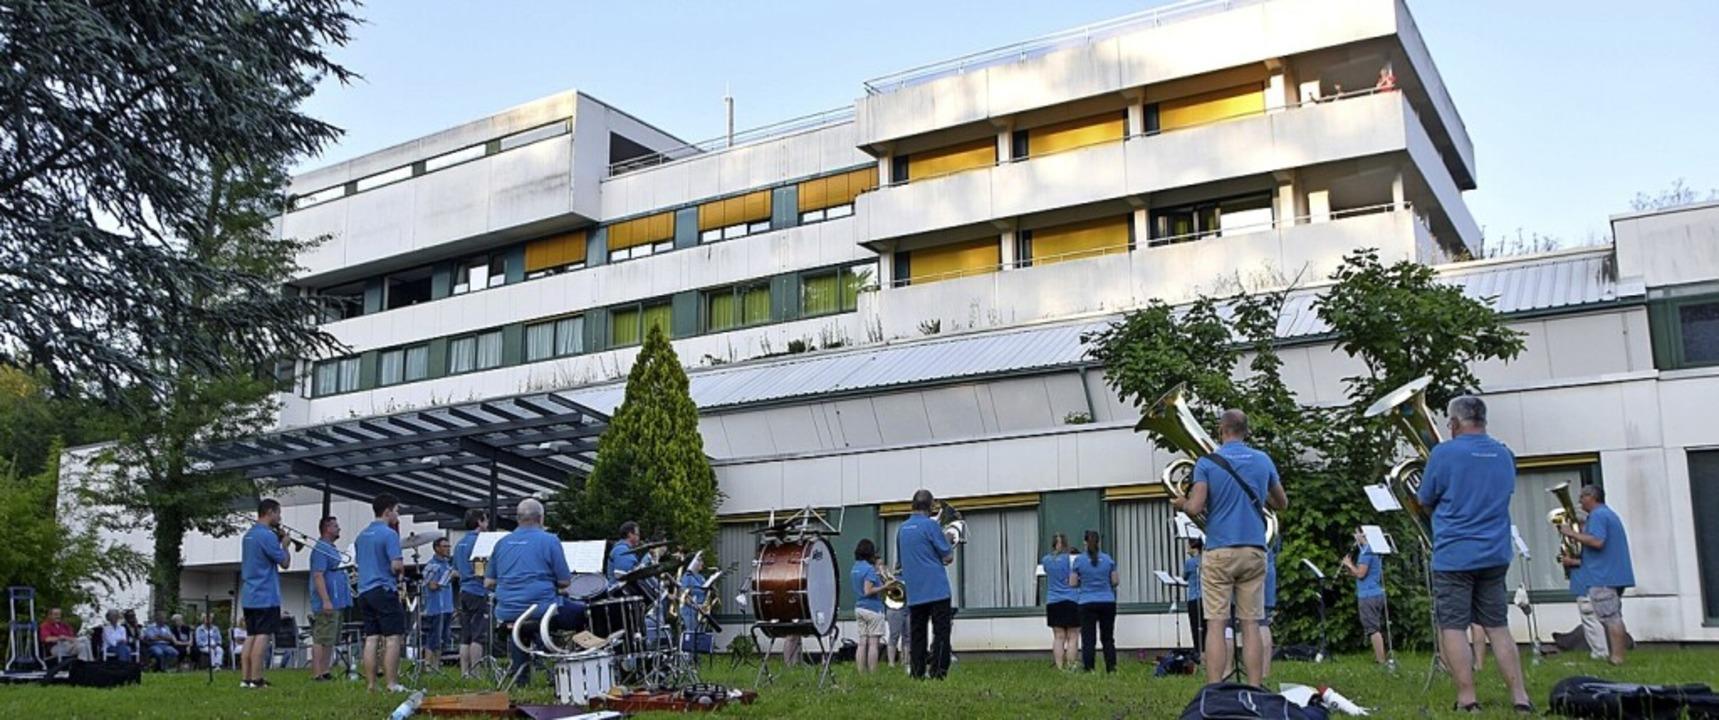 Nollingens Musikverein spielte am Dienstag am Kreiskrankenhaus.    Foto: Horatio Gollin